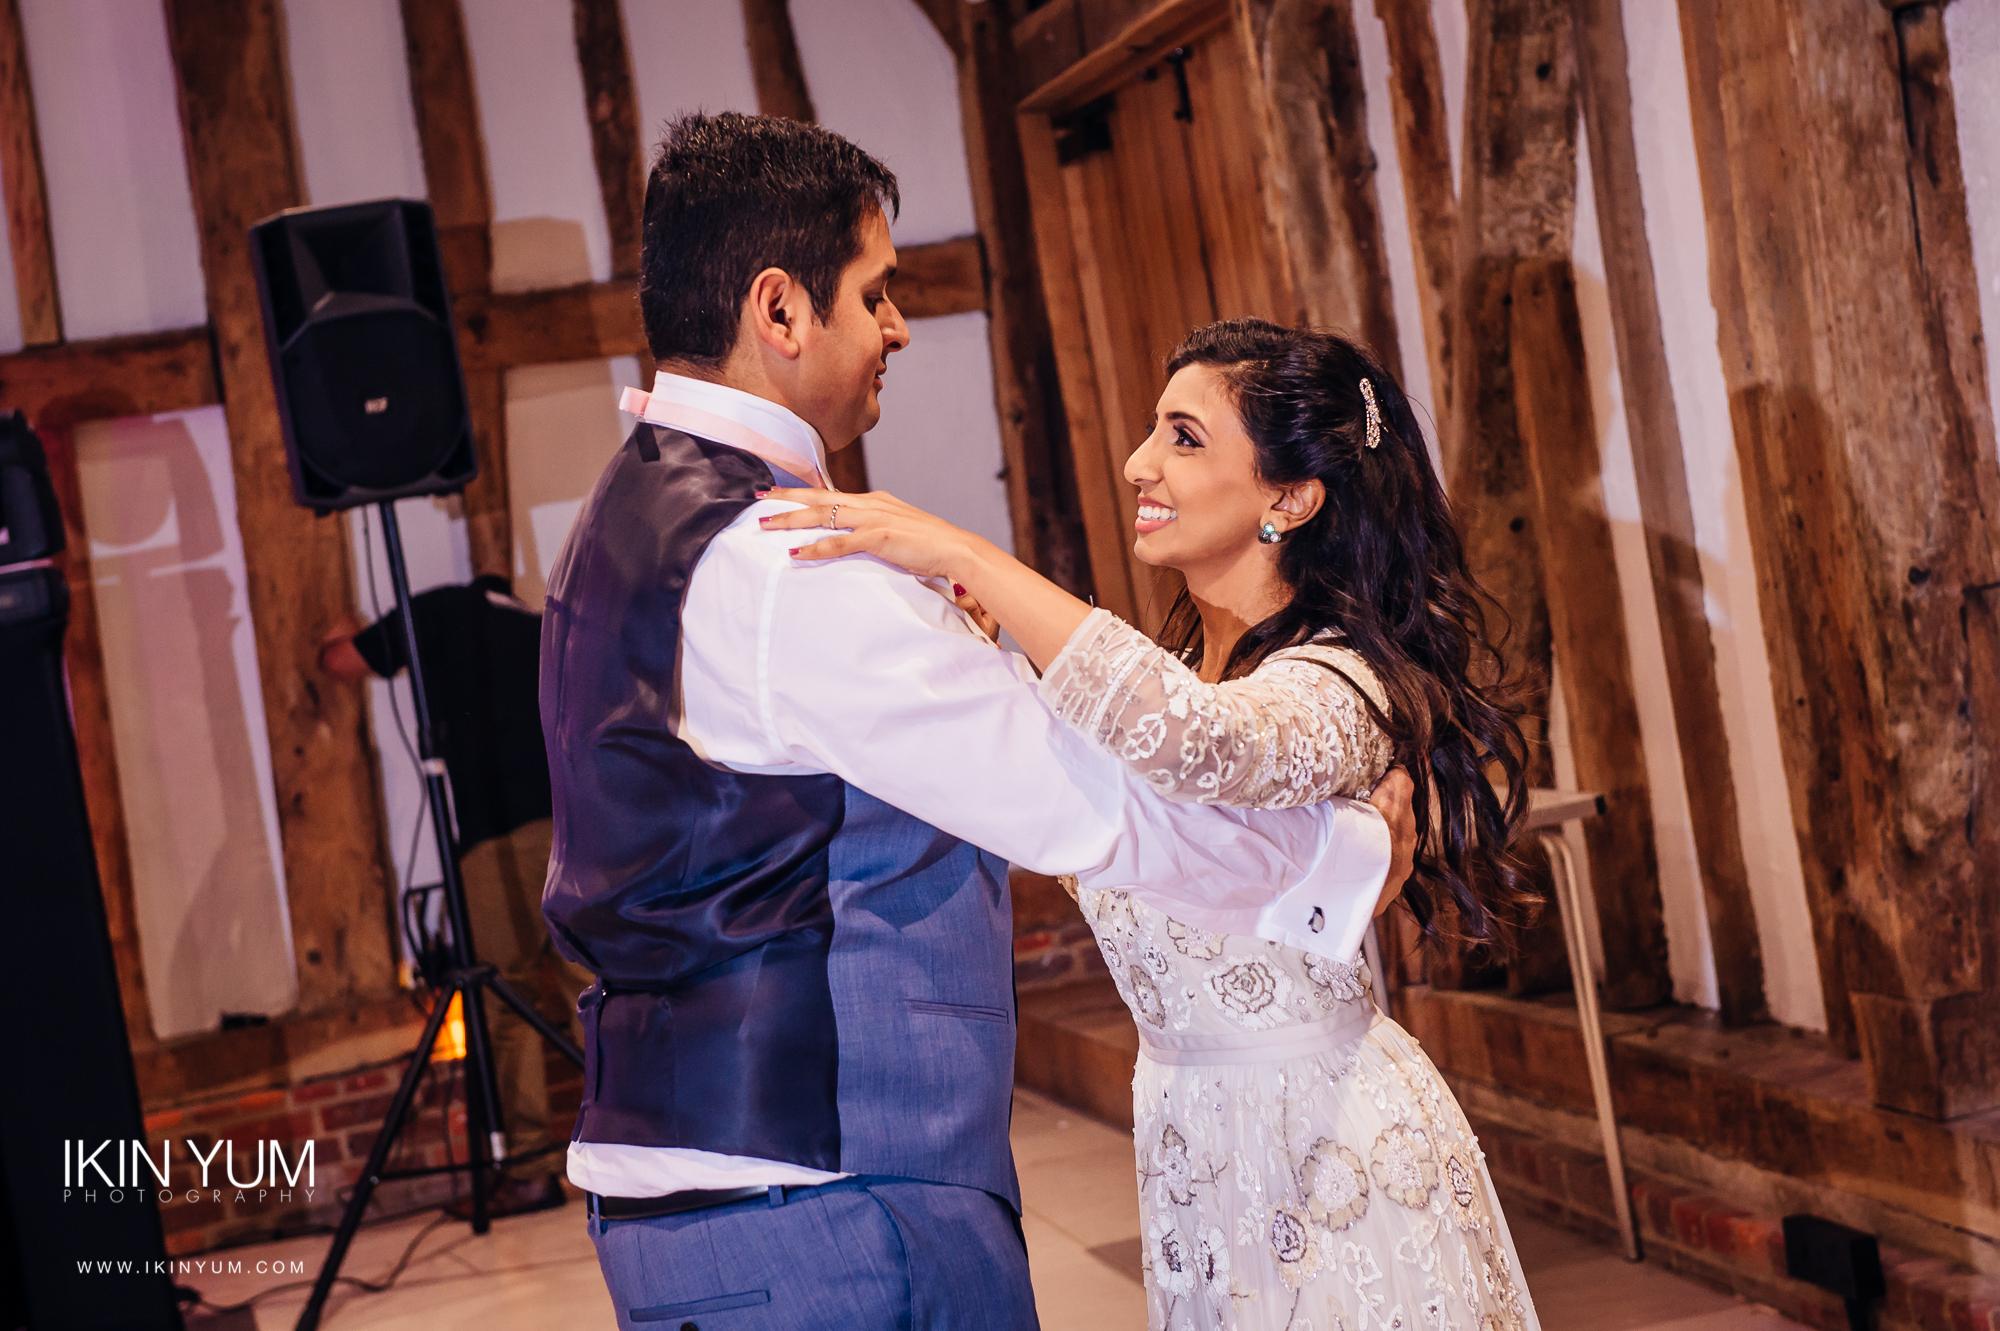 The Great Barn Wedding- Ikin Yum Photography-0110.jpg